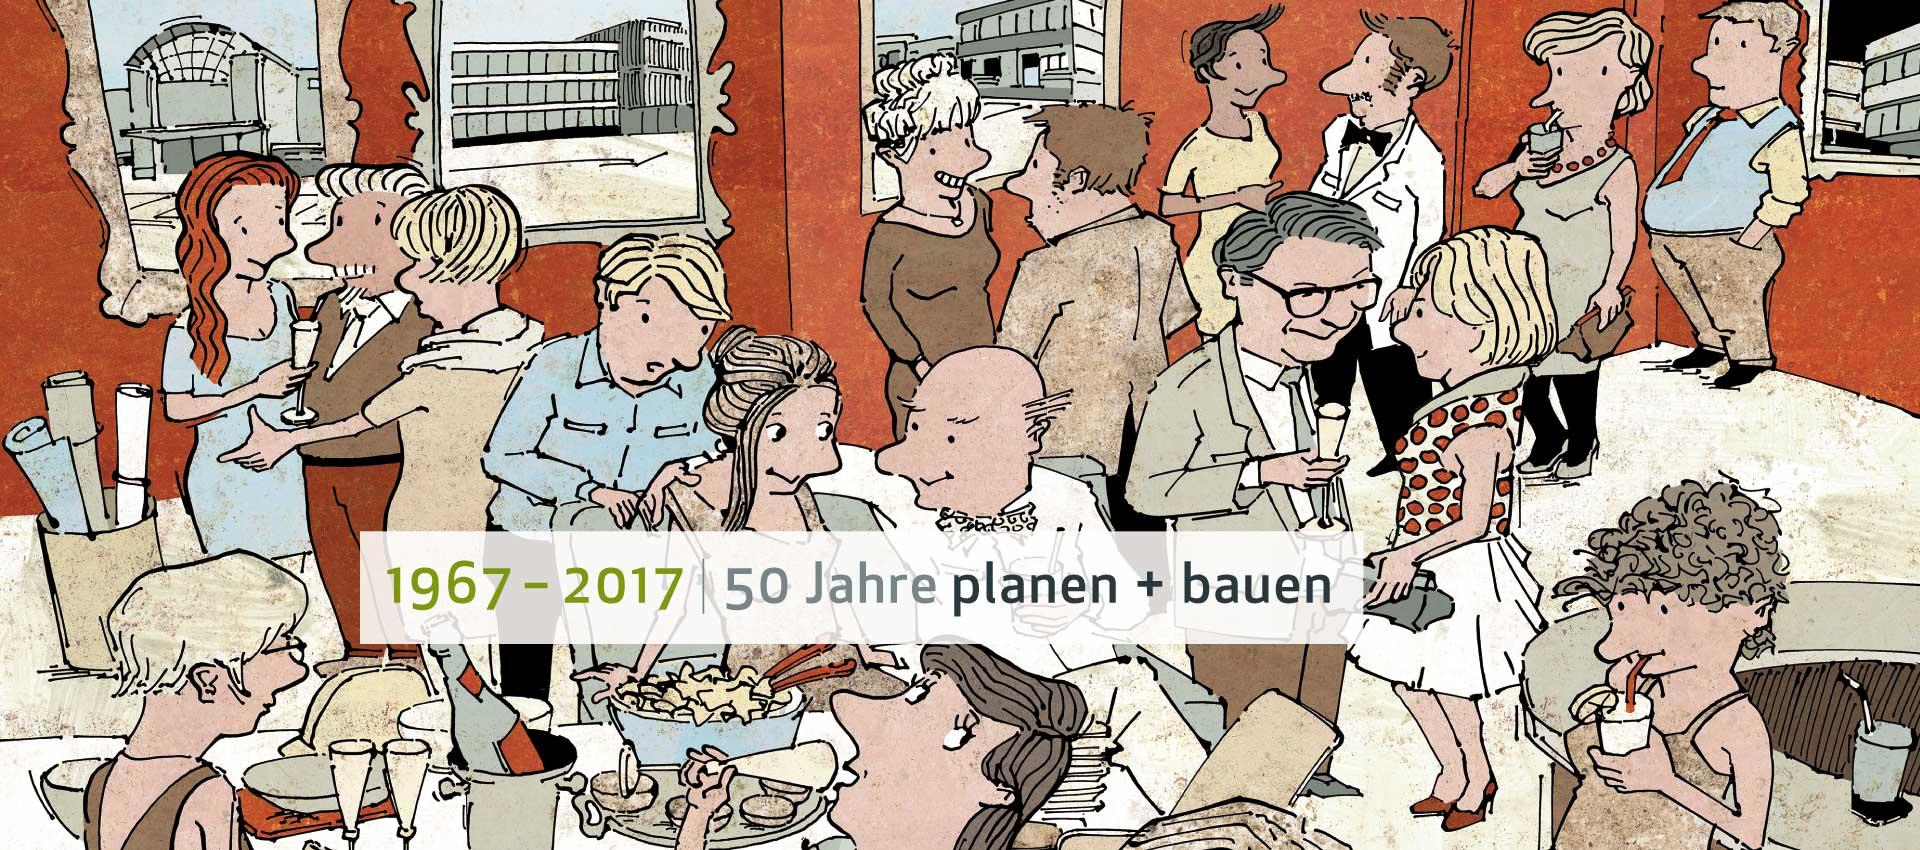 50 Jahre Planen & Bauen